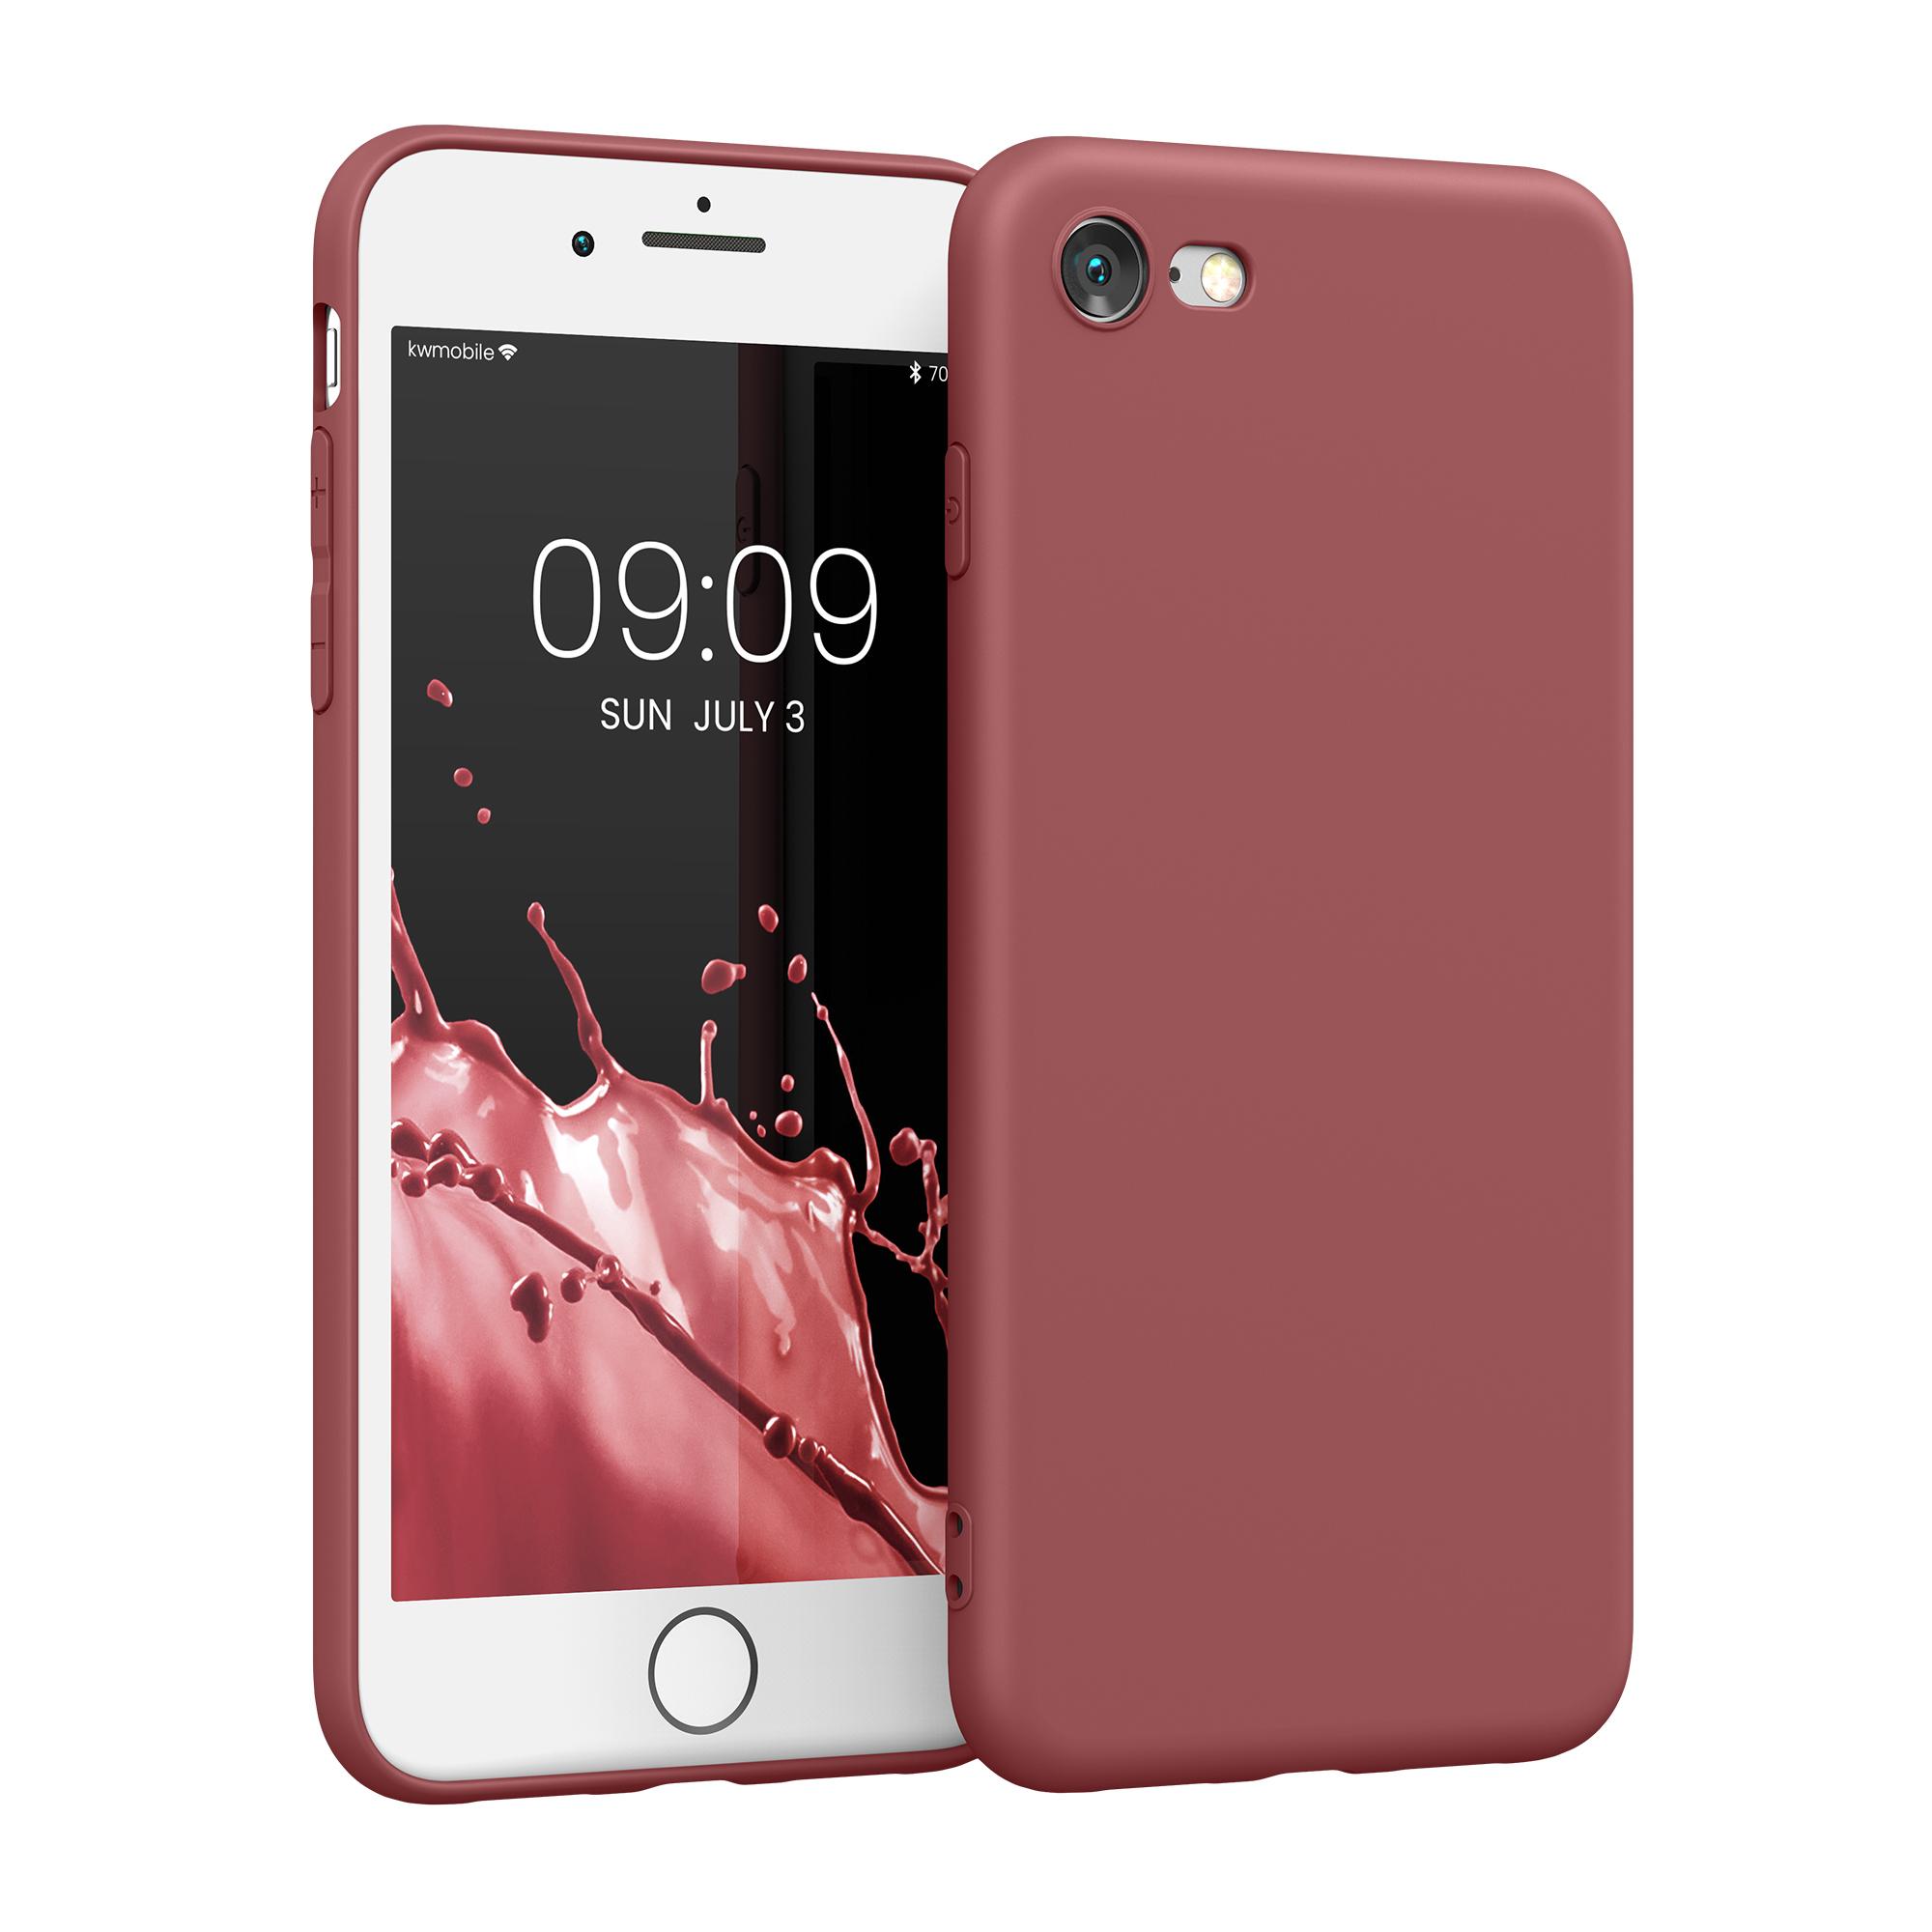 Kvalitní silikonové TPU pouzdro pro Apple iPhone 7 / 8 / SE  - Maroon Red